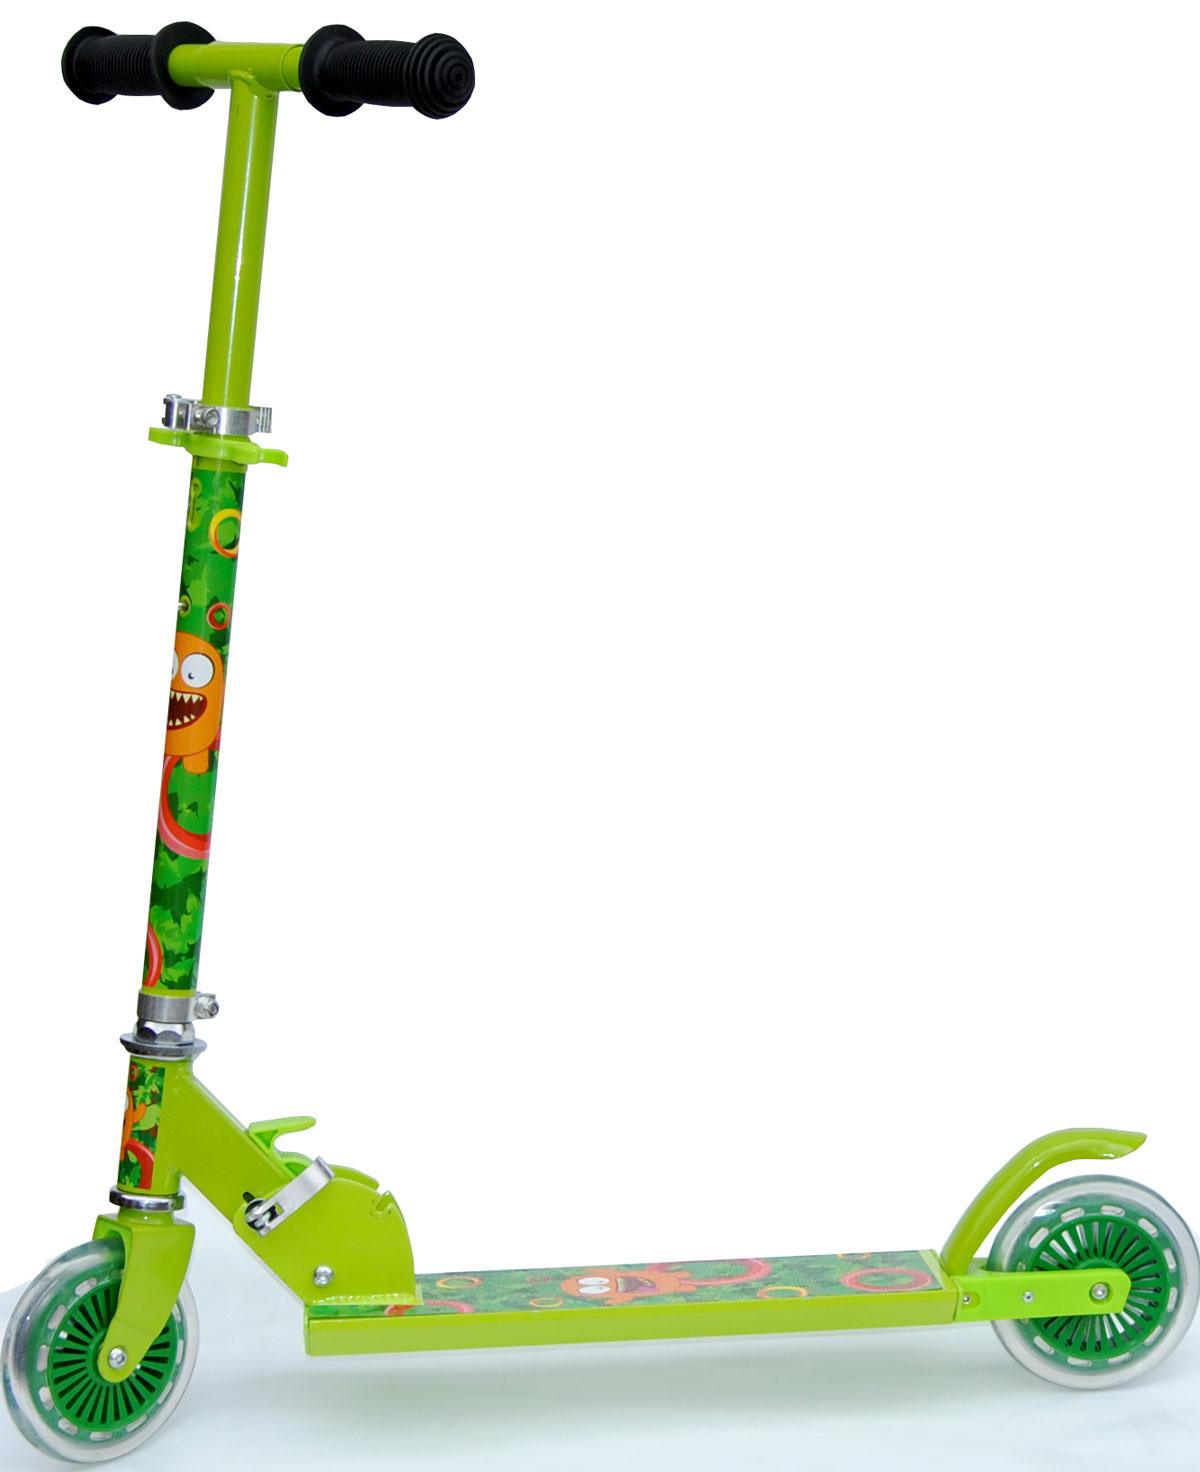 auswahl kinder scooter kinderscooter kinderroller 3 rad 2. Black Bedroom Furniture Sets. Home Design Ideas